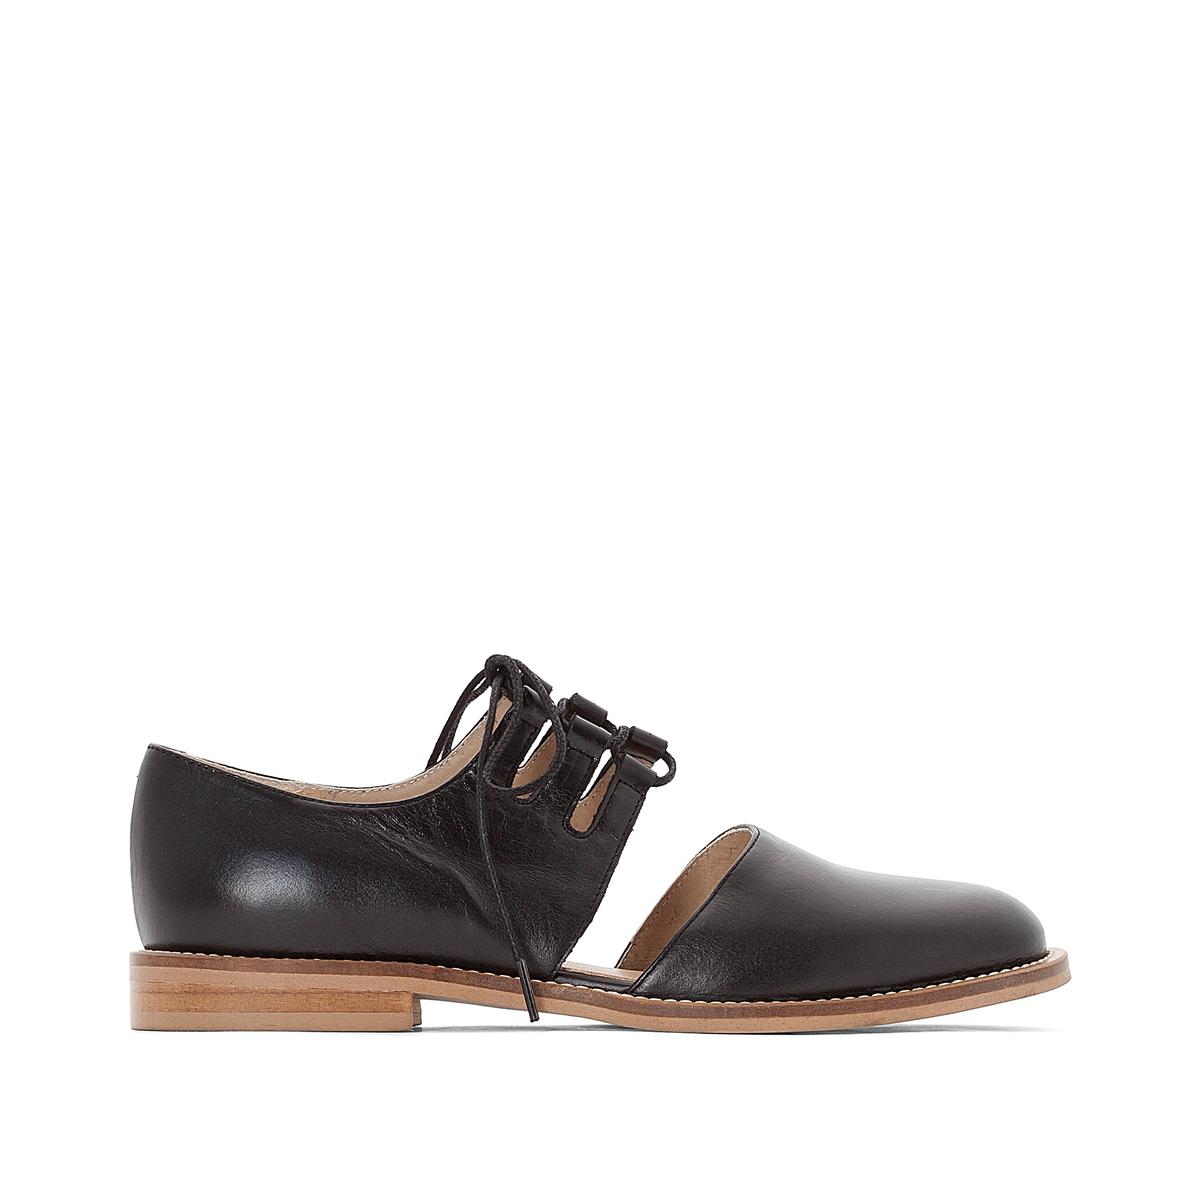 Ботинки-дерби кожаные DaironВерх : кожа   Подкладка : кожа   Стелька : кожа   Подошва : эластомер   Высота каблука : 1 см   Форма каблука : плоский каблук   Мысок : закругленный мысок   Застежка : шнуровка<br><br>Цвет: черный<br>Размер: 41.38.40